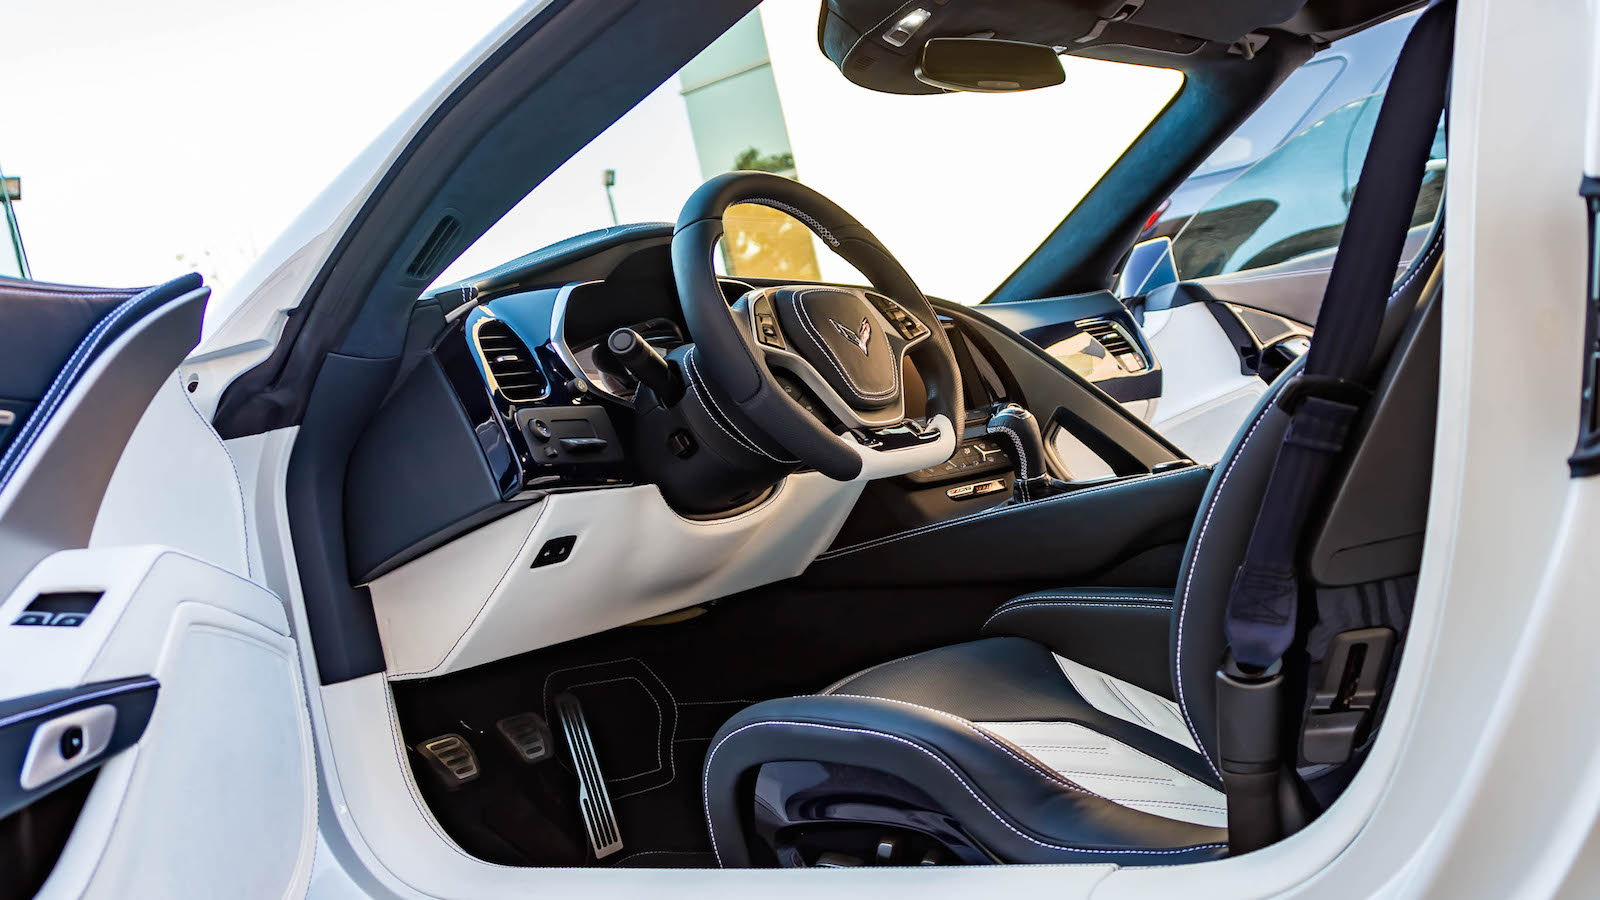 Caravaggio Takes a Crack at New Corvette